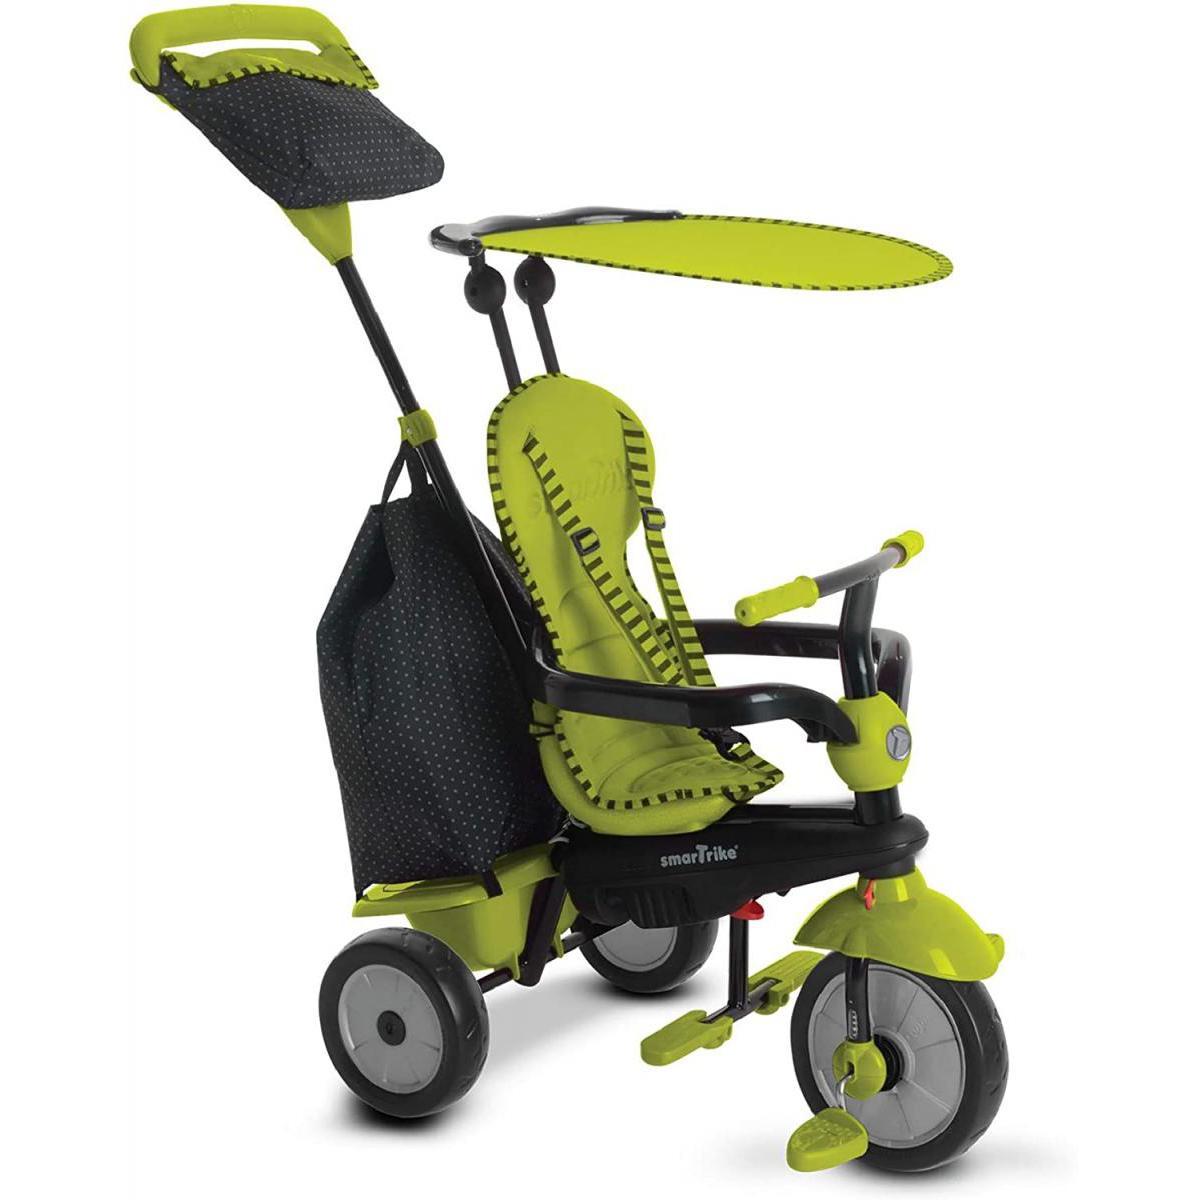 Smart Trike SmarTrike Tricycle Glow Vert